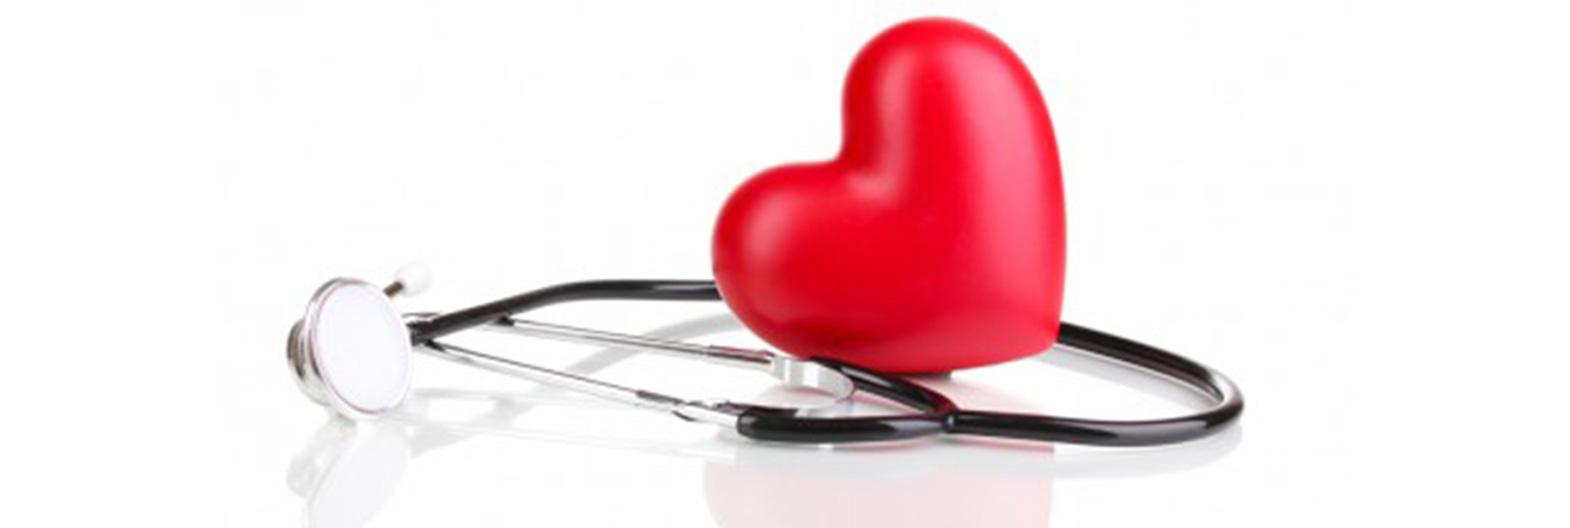 liga hipertenzija kas tai yra)